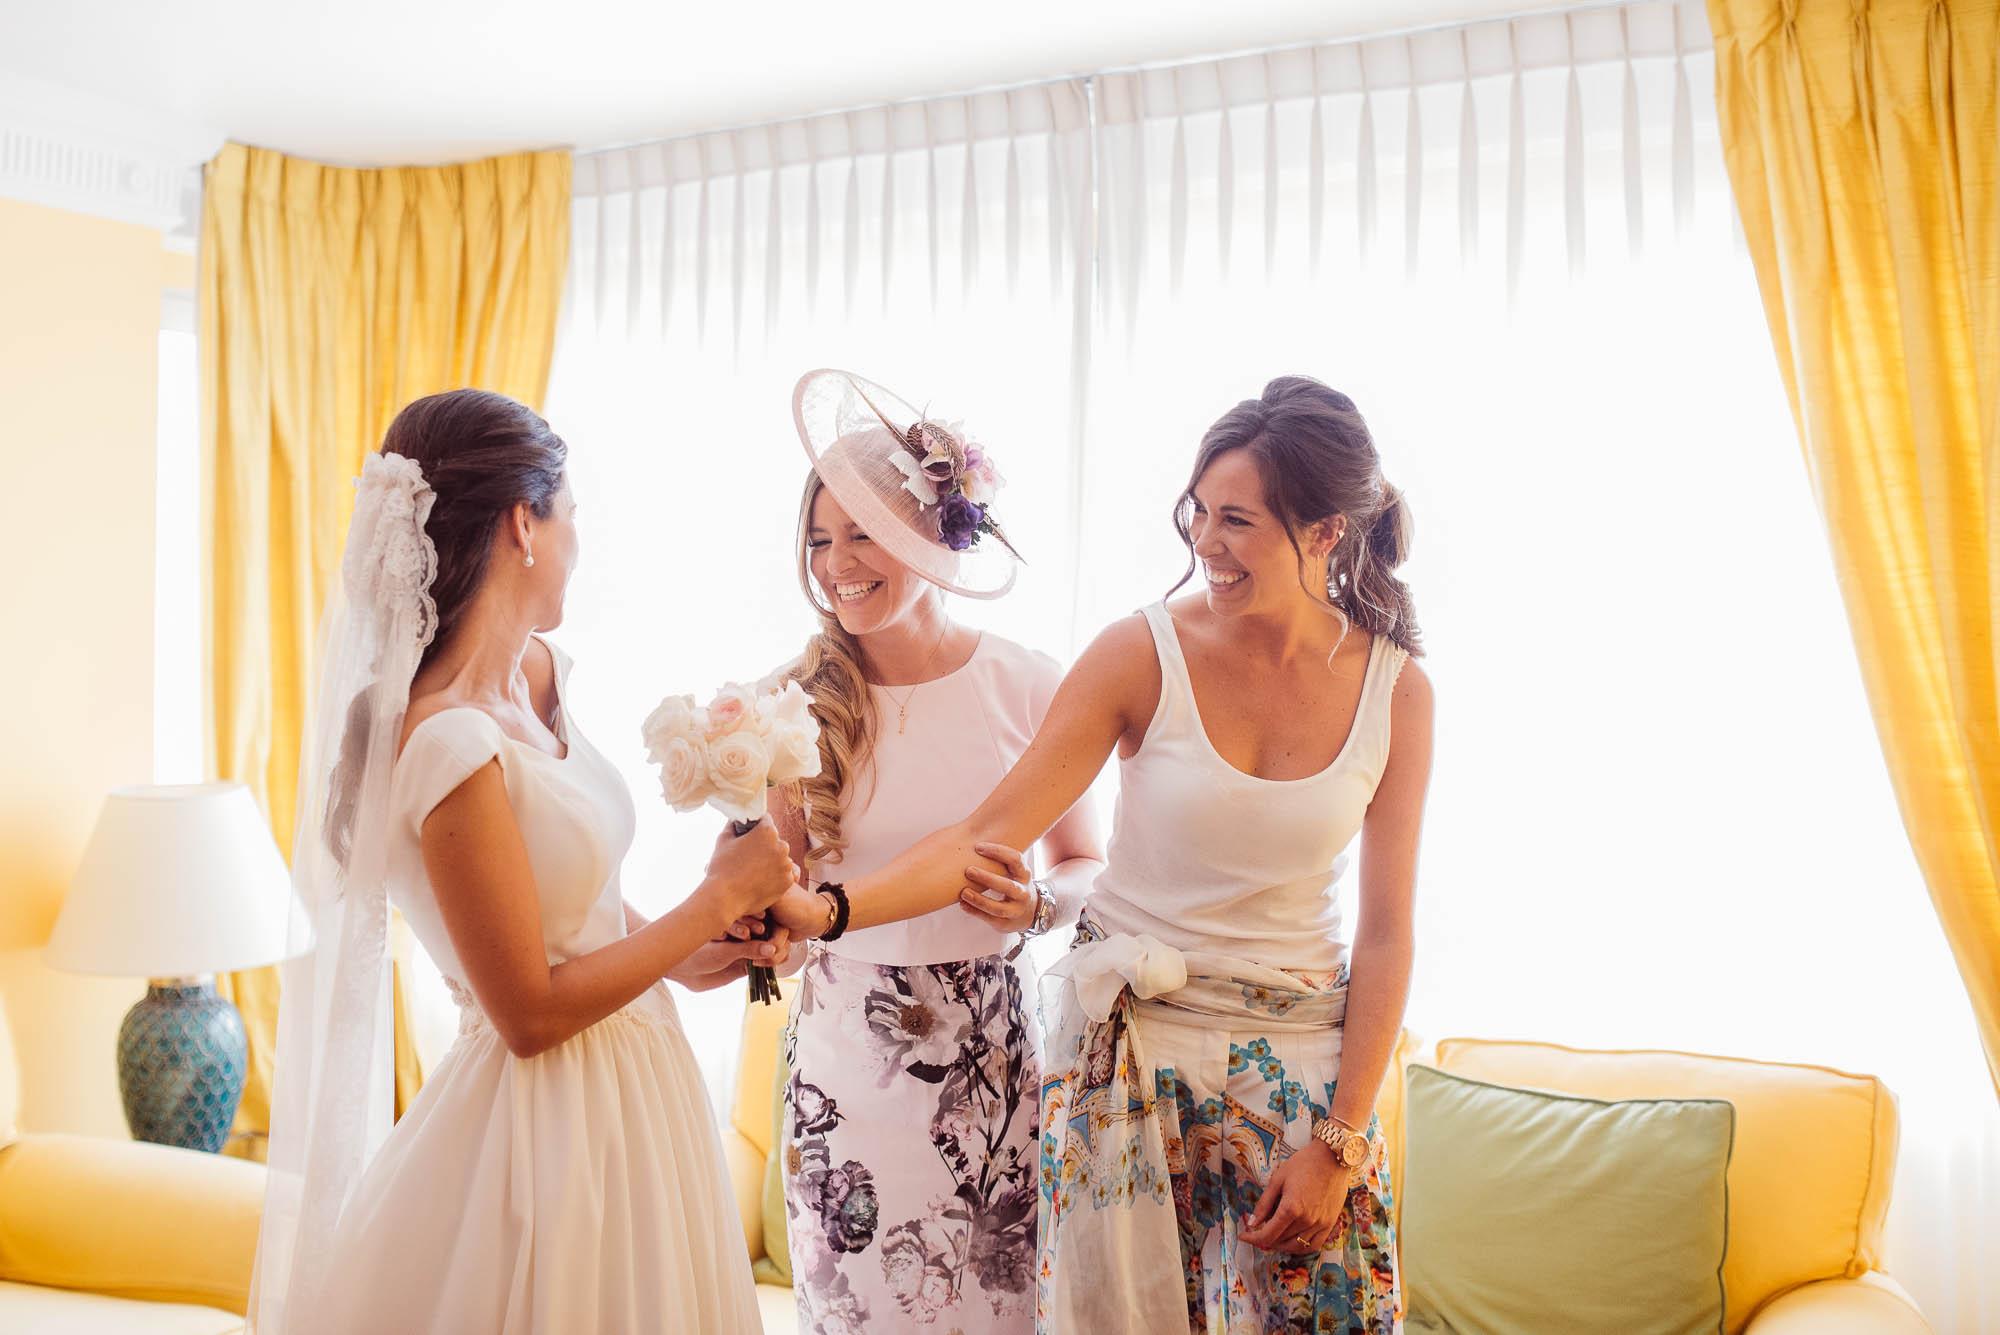 Las amigas le dan el ramo a la novia delante del ventanal